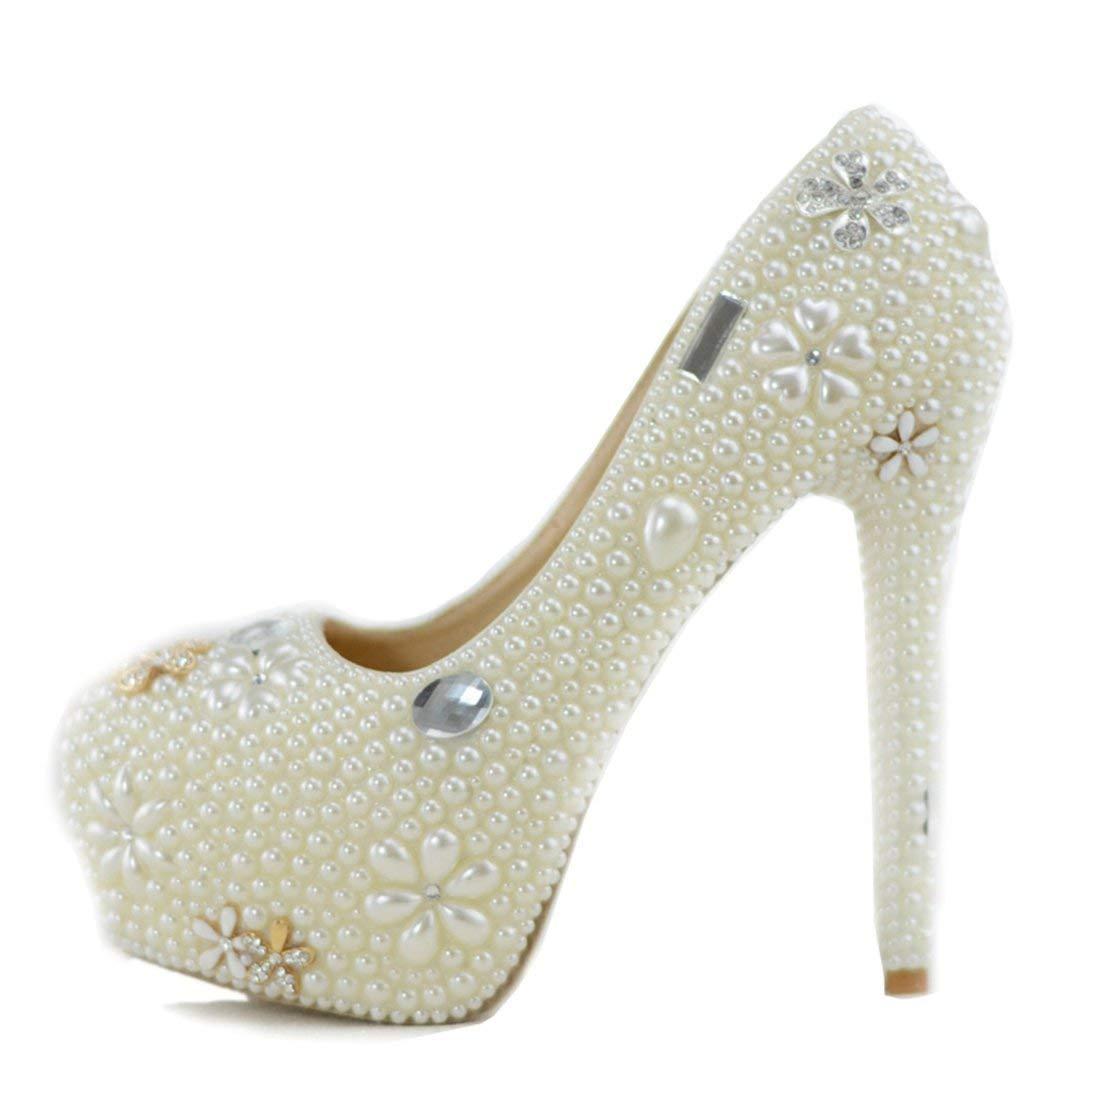 Qiusa Damen versteckt Plattform High Heel Elfenbein Perlen Slip-on Braut Hochzeit Schuhe UK 7.5 (Farbe   - Größe   -)